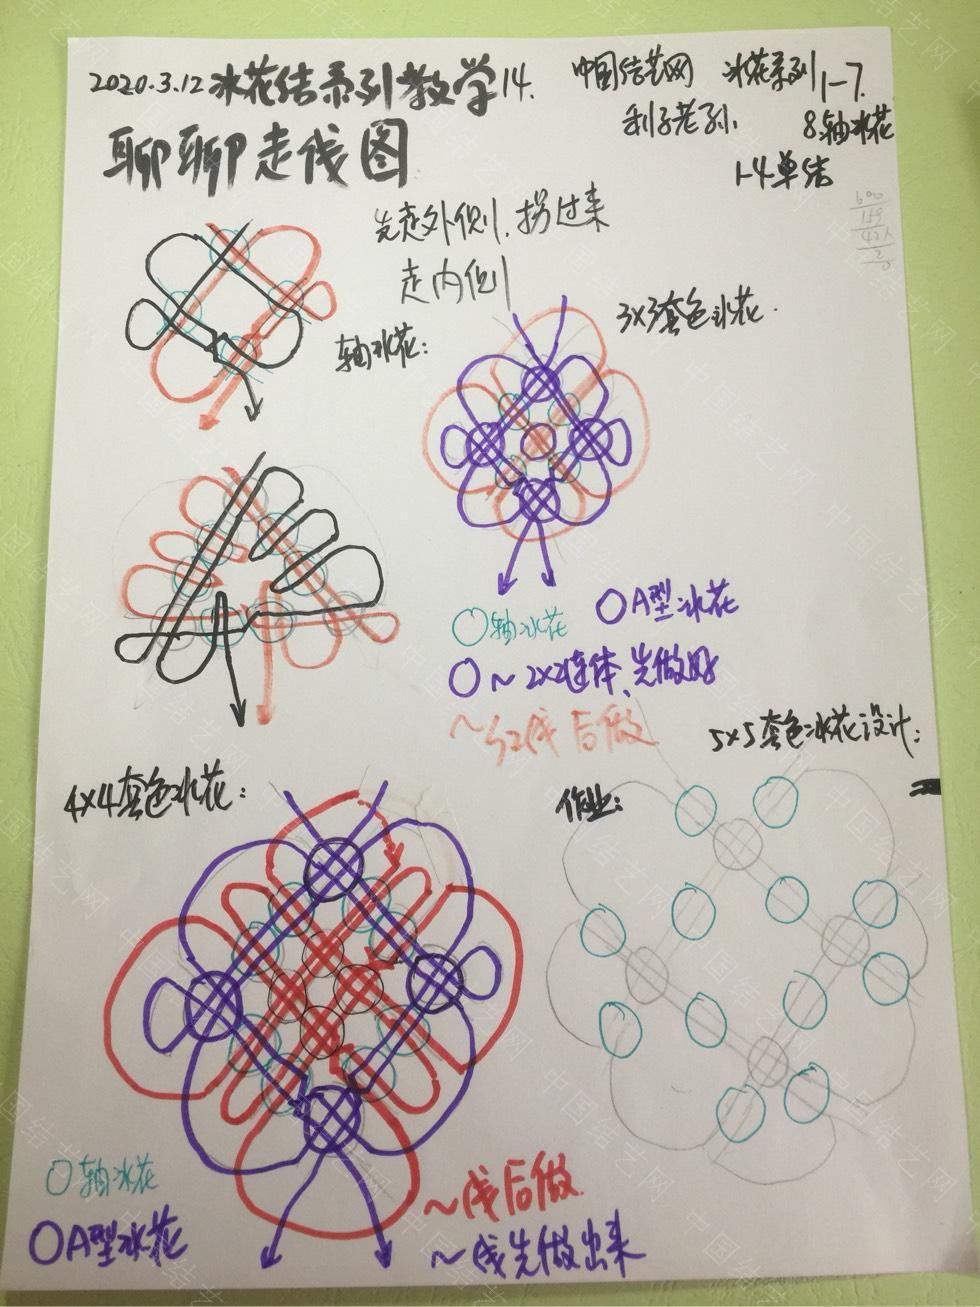 中国结论坛 冰花结系列教学11,如何画出加轴冰花的走线图  视频教程区 110031h9ad16b0hr97016a